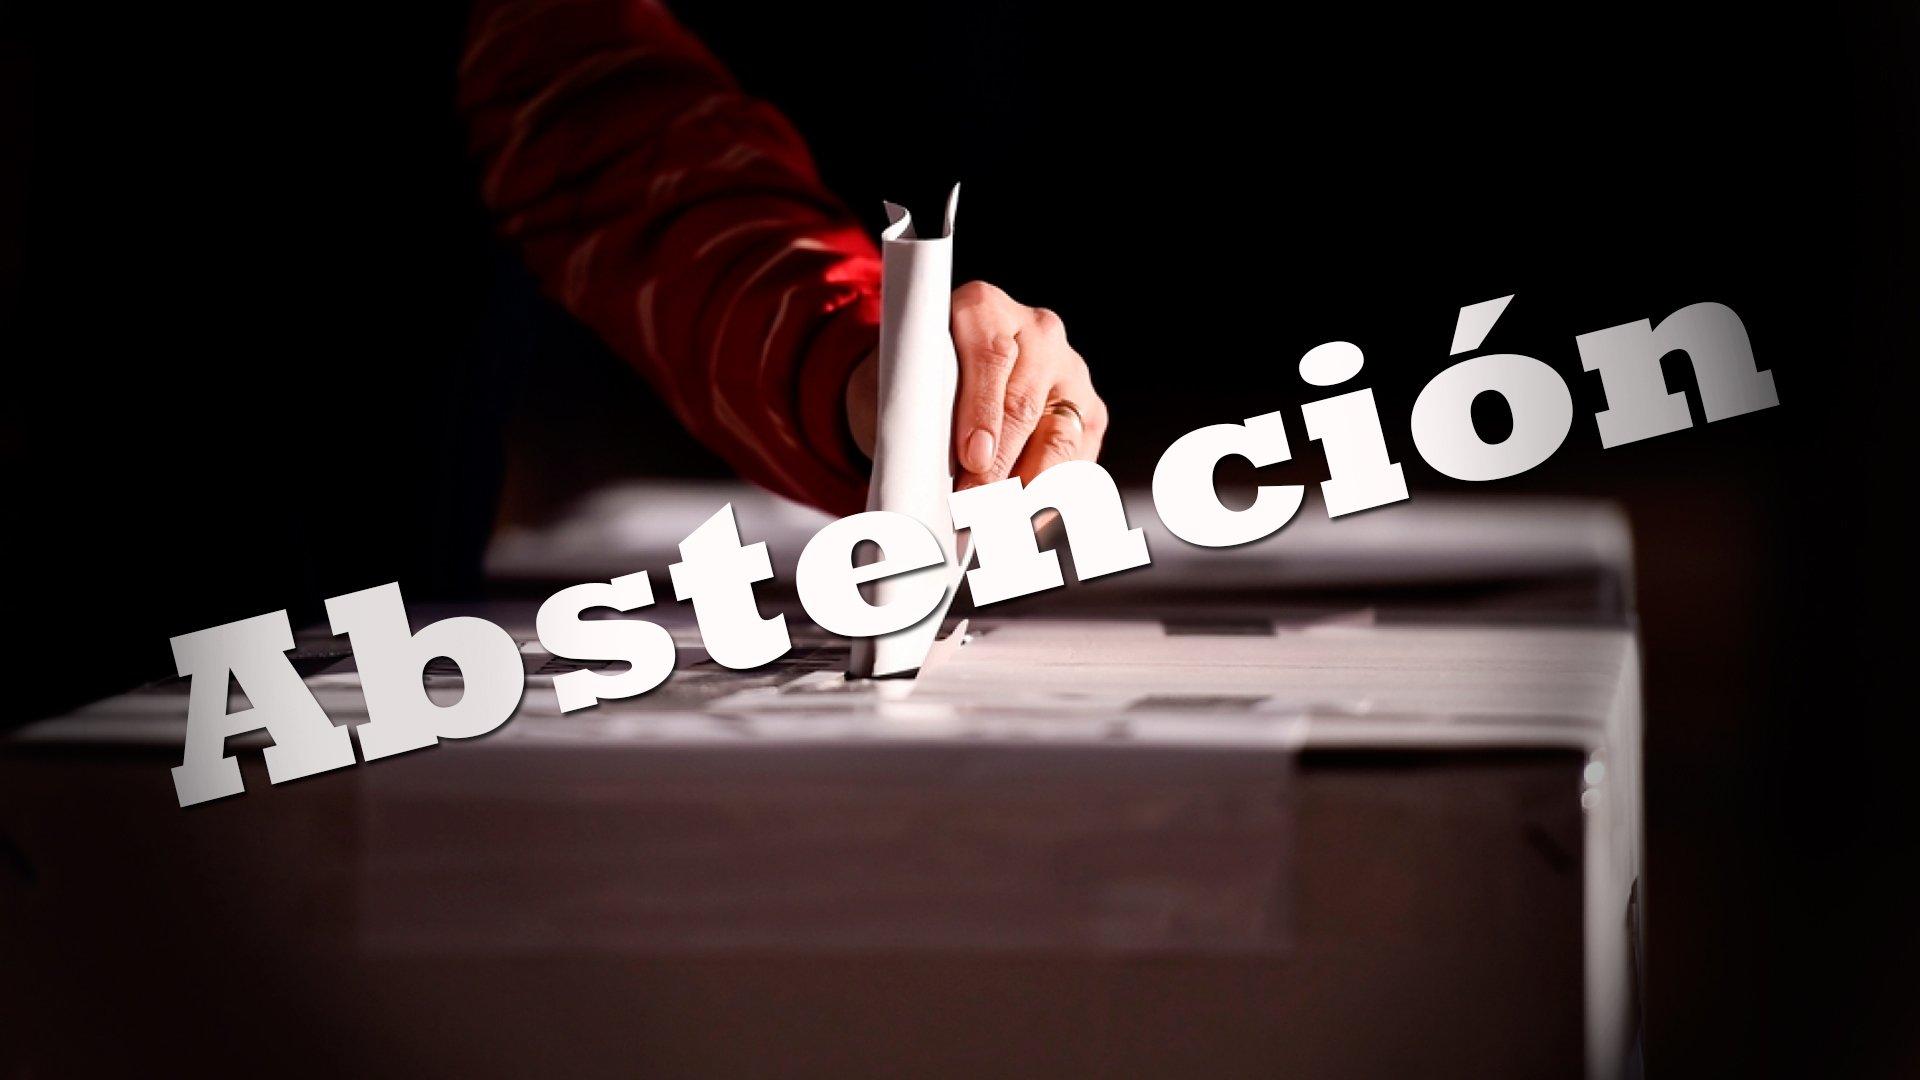 Promoción de la abstención en elecciones no puede prohibirse ni sancionarse